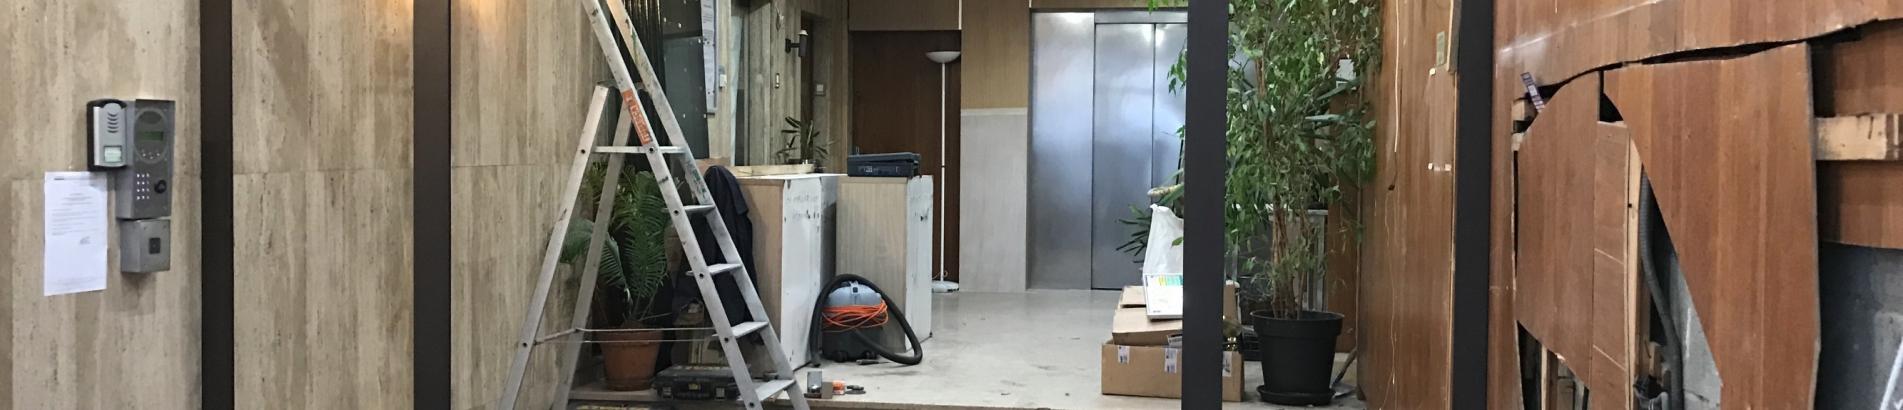 Révision fenêtres et portes